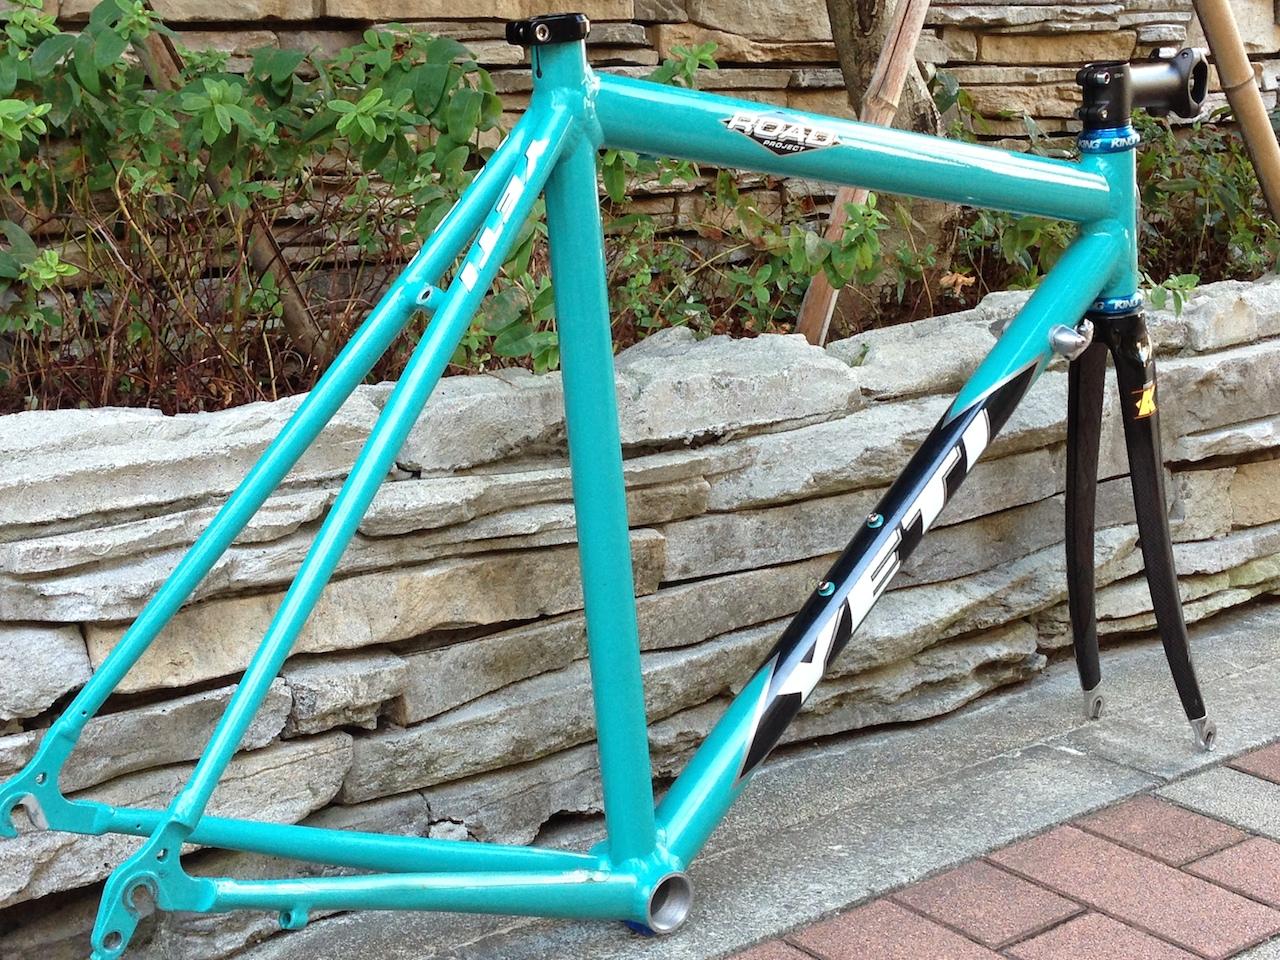 自転車の 自転車 アルミフレーム 修理 : ... Project イエティ ロードフレーム